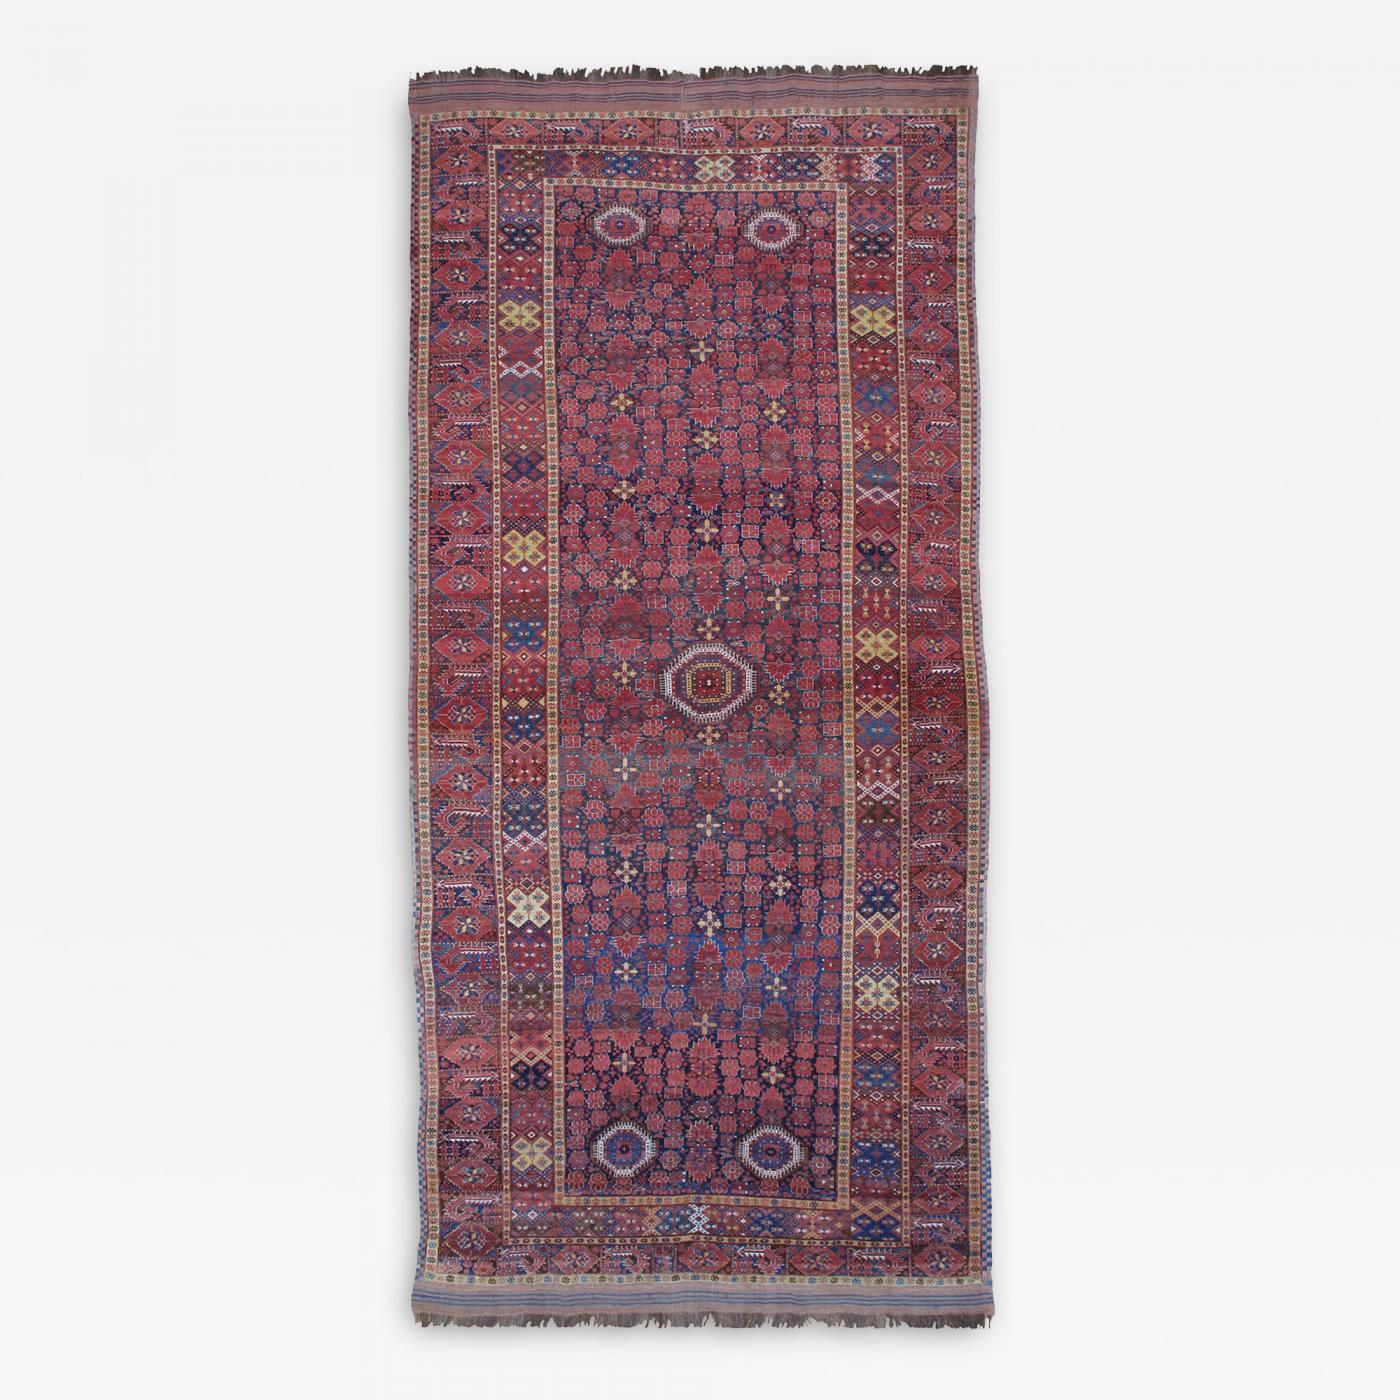 Fantastic Antique Beshir Carpet